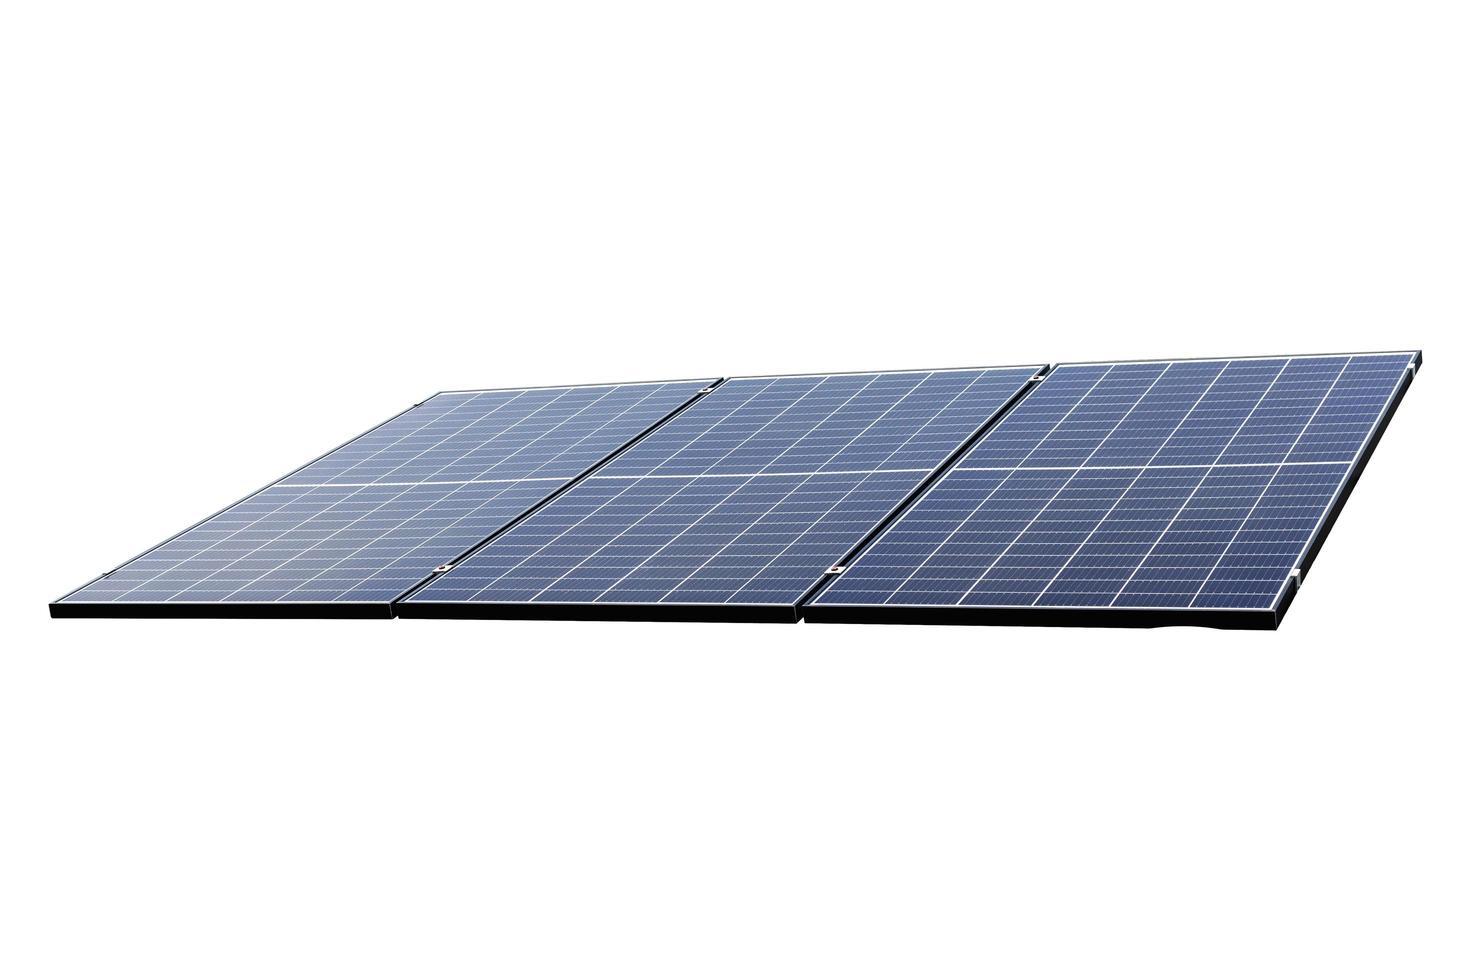 Panneau solaire photovoltaïque sur un blanc photo